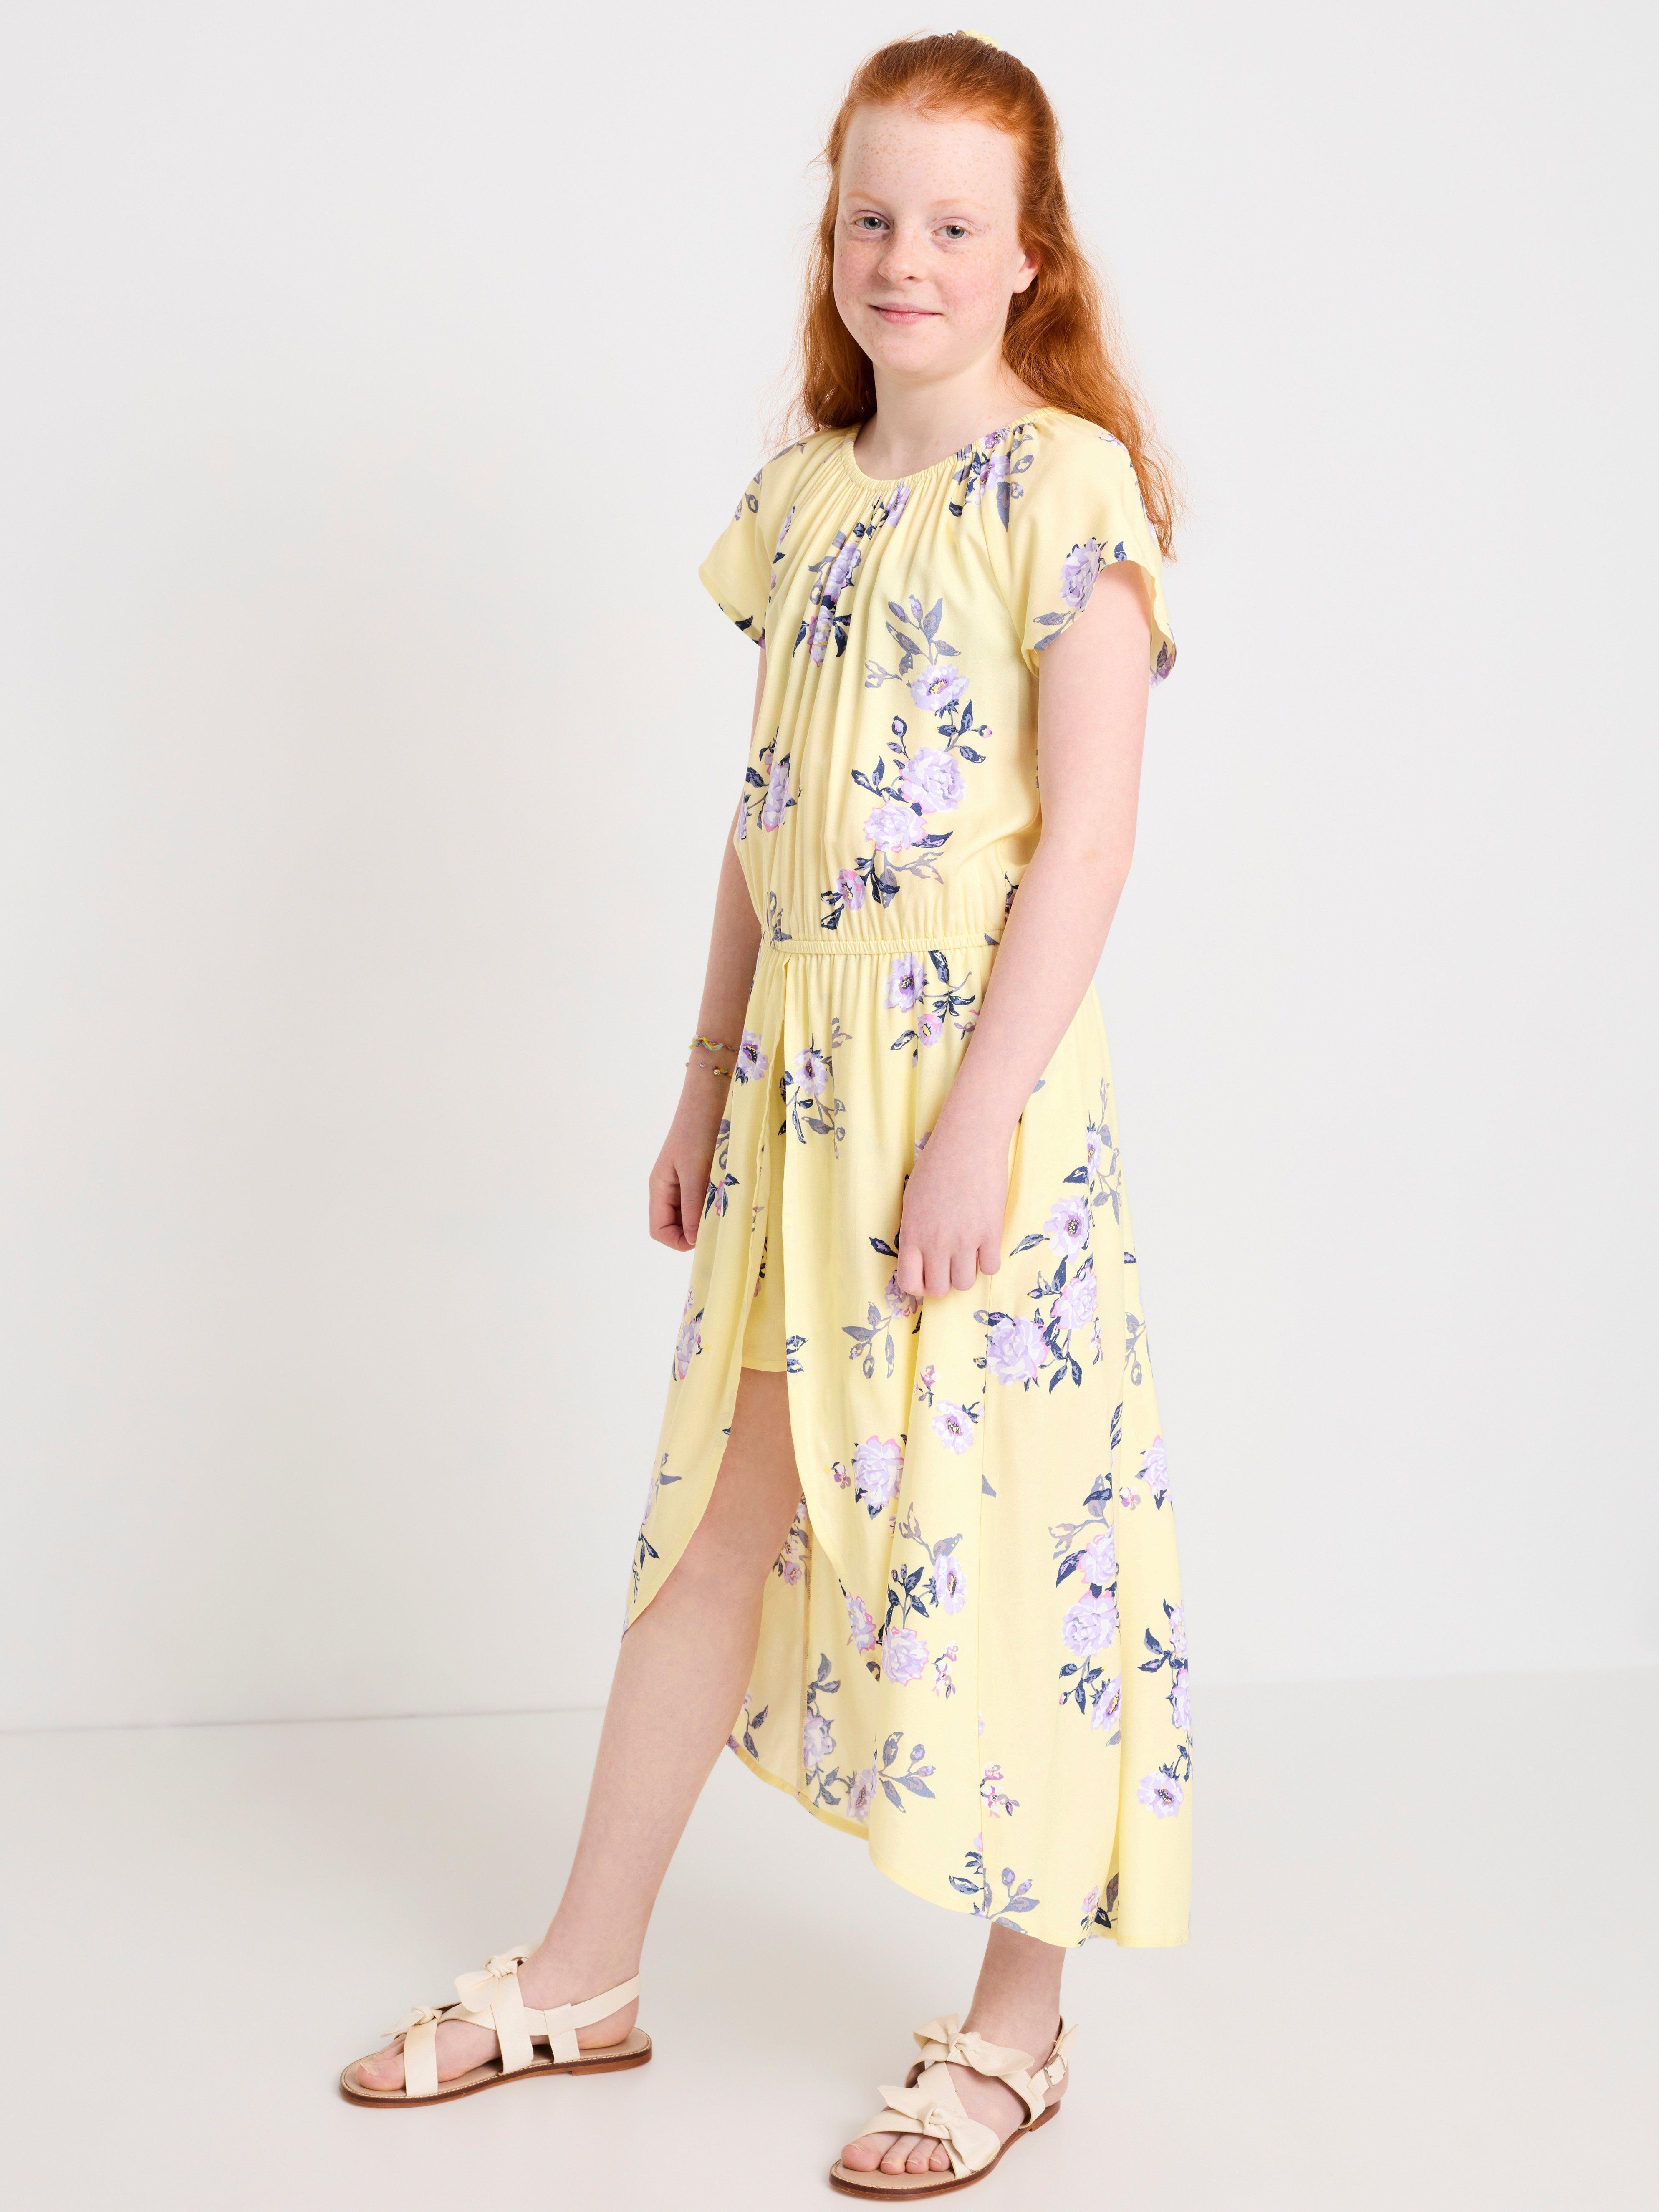 Lyhythihainen mekko, jossa shortsit